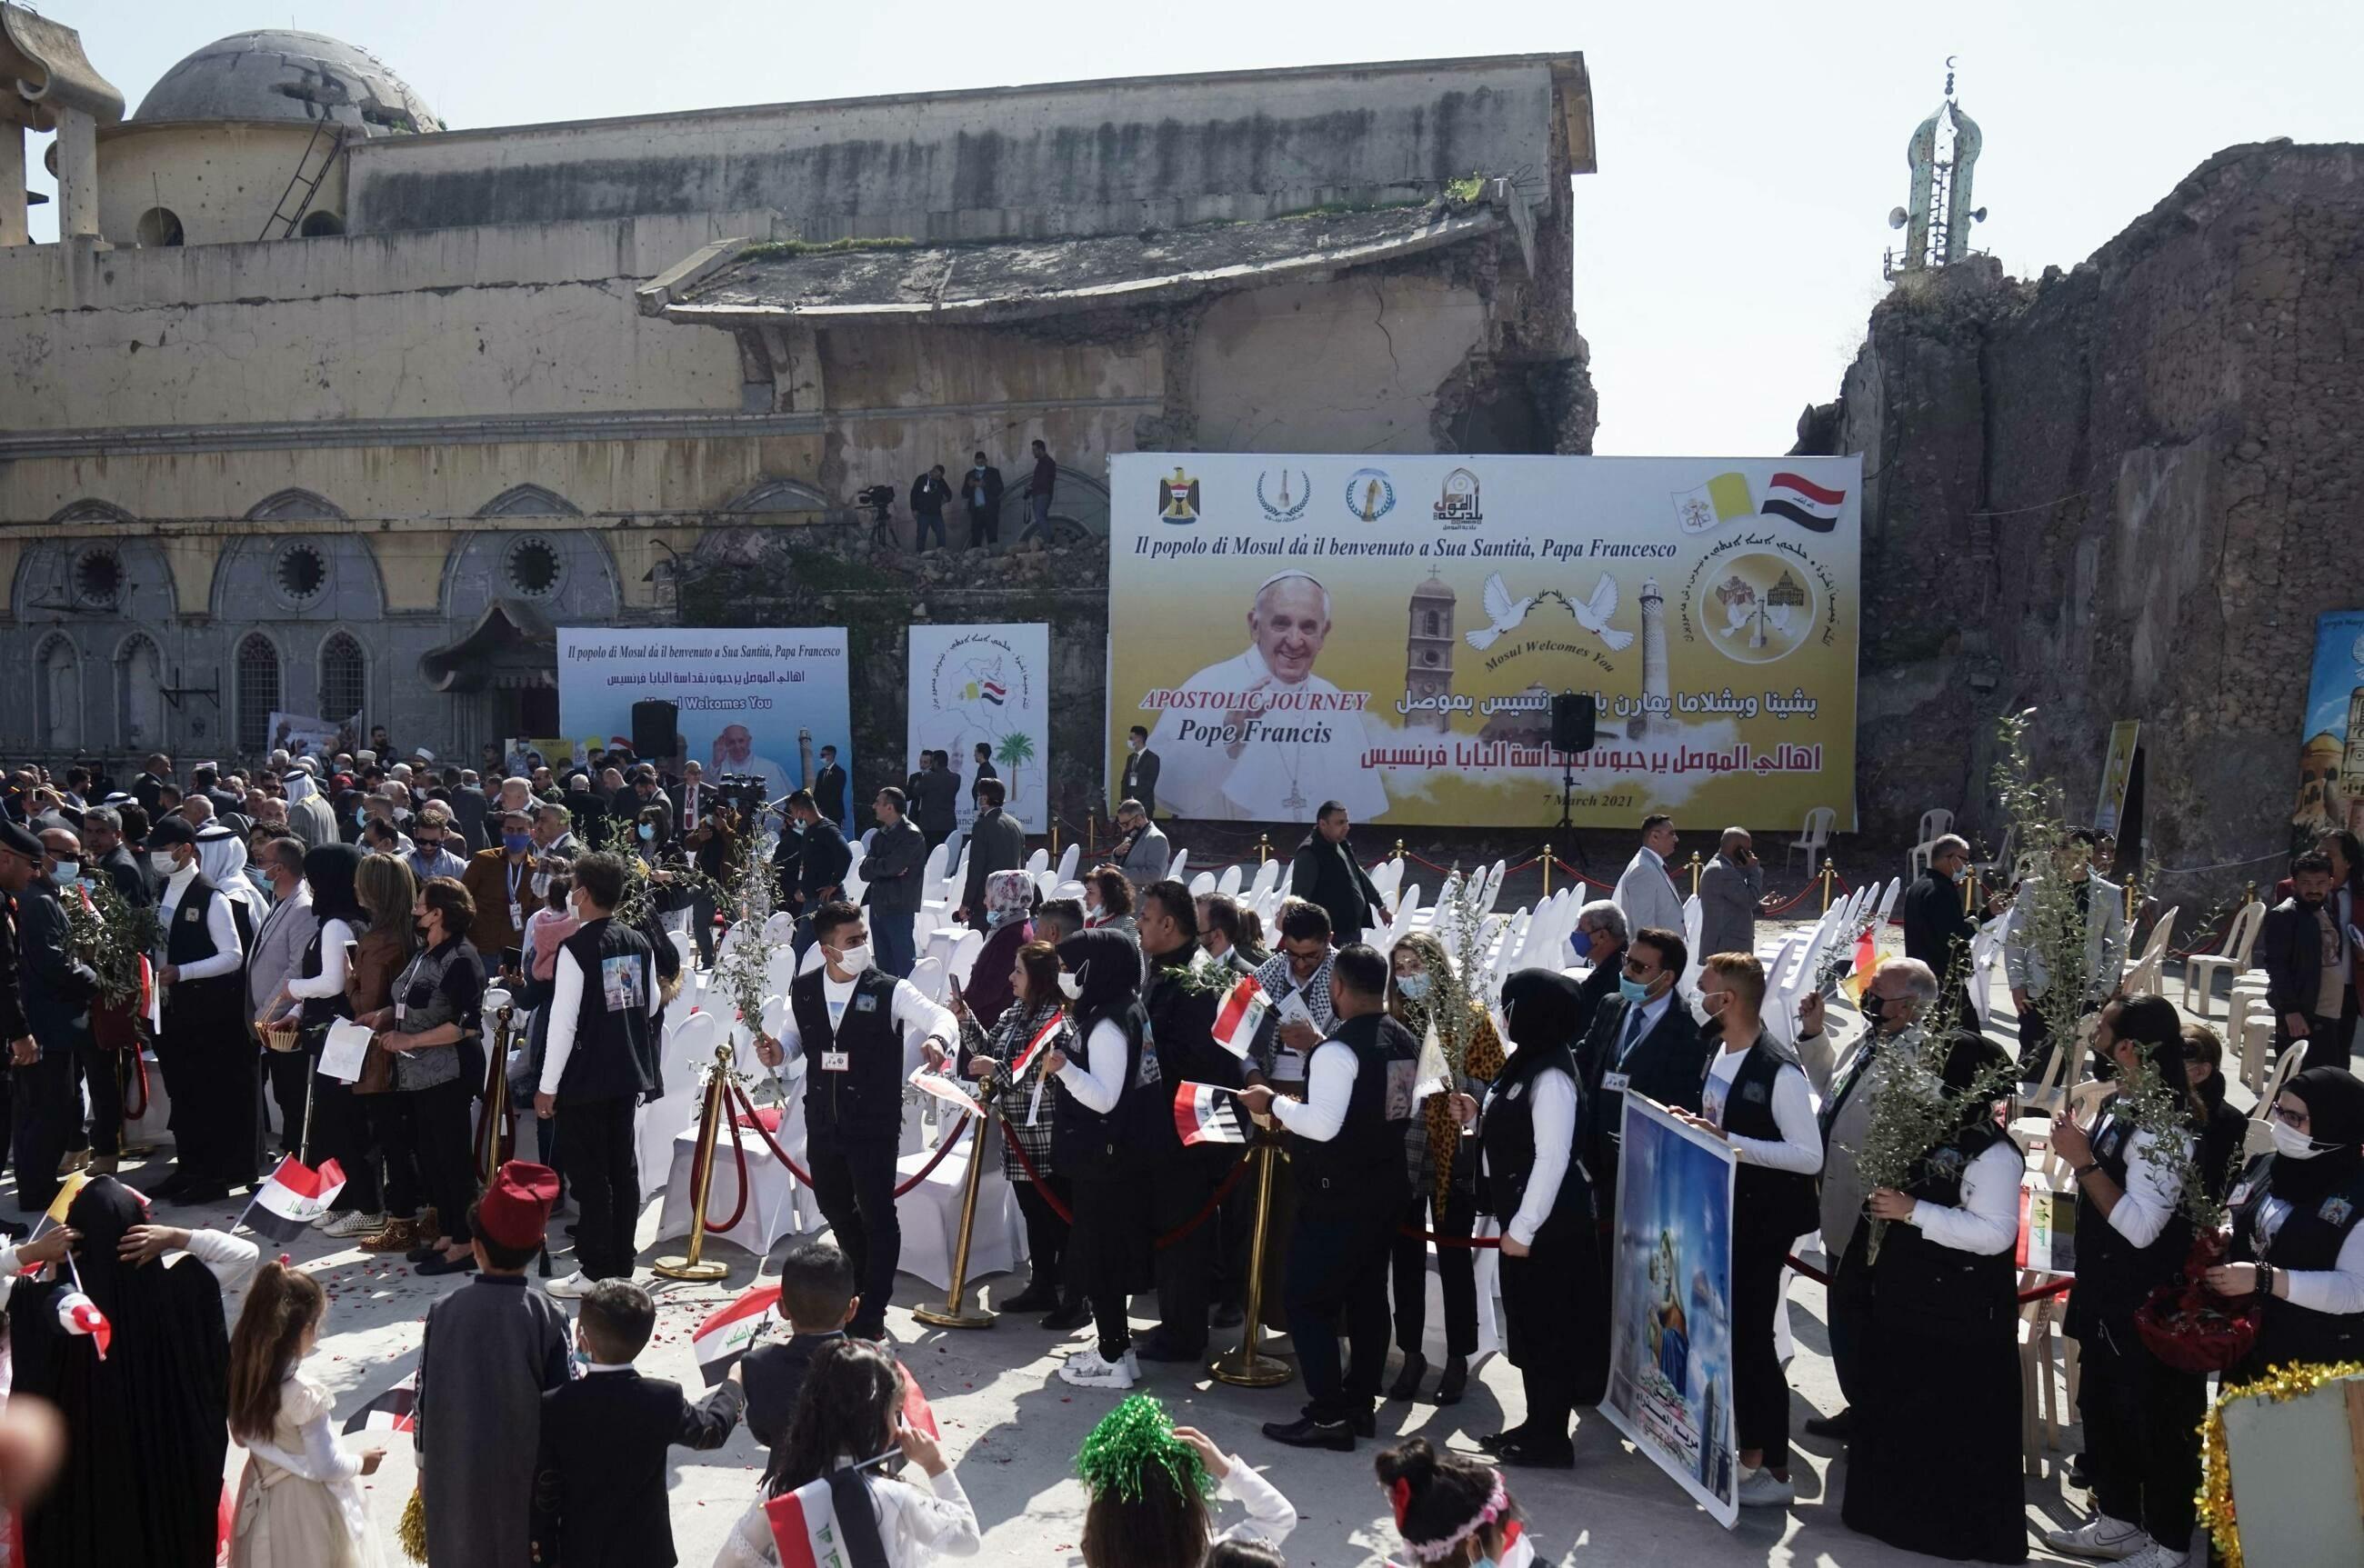 Wizyta papieża Franciszka w Iraku. Na spotkaniu pojawiły się tłumy